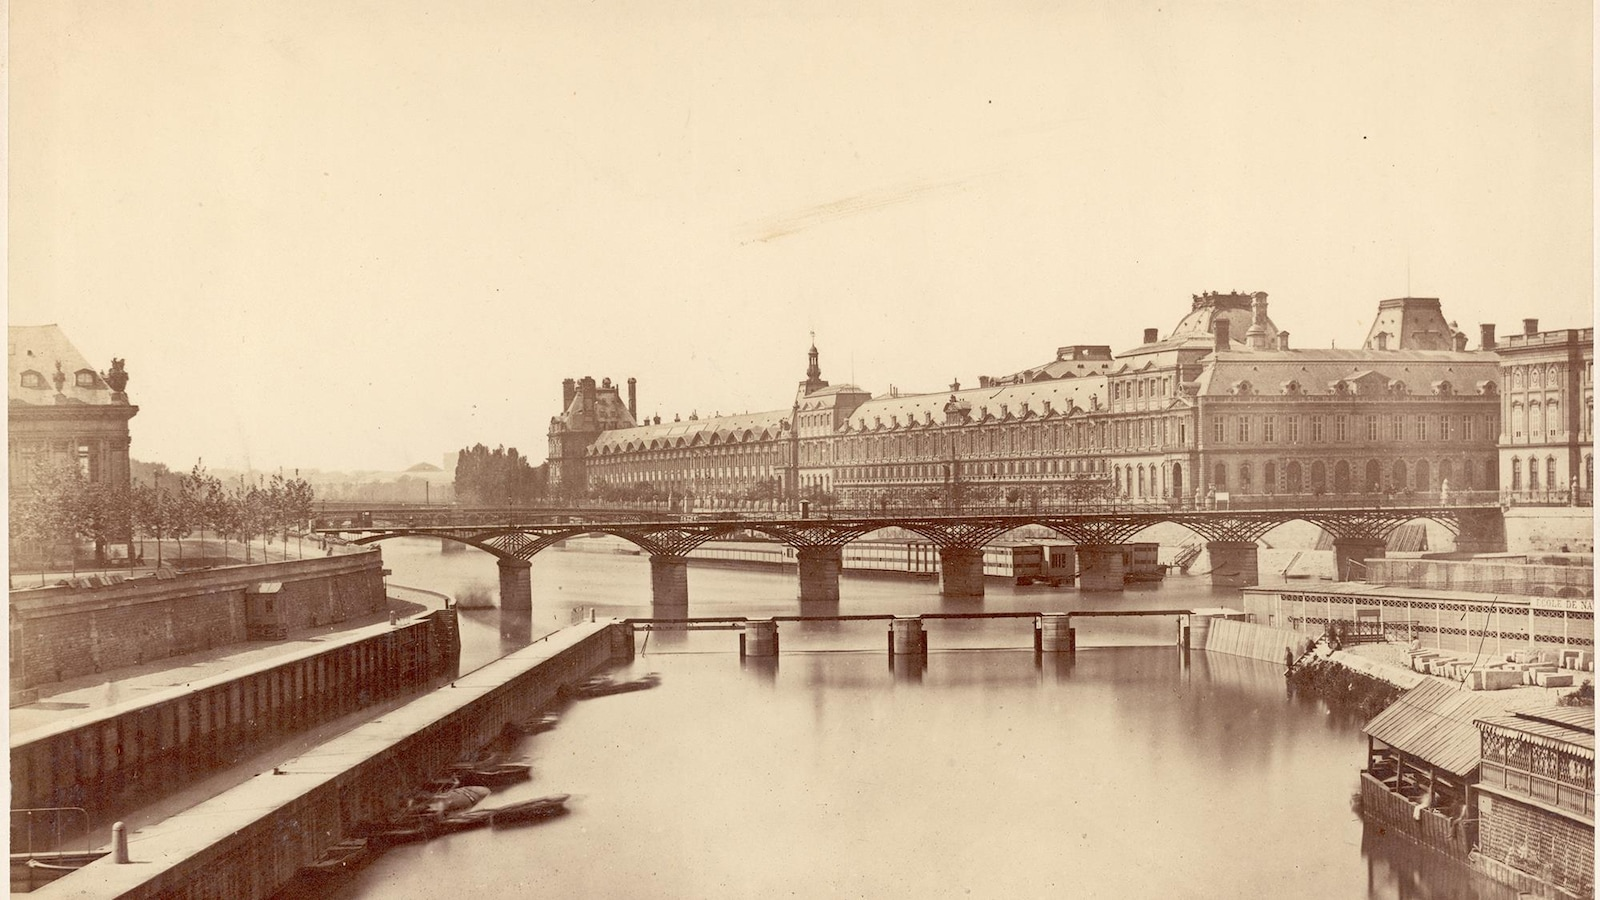 Une vue en 1856 du musée du Louvre, du pont des Arts et de la Seine à Paris.